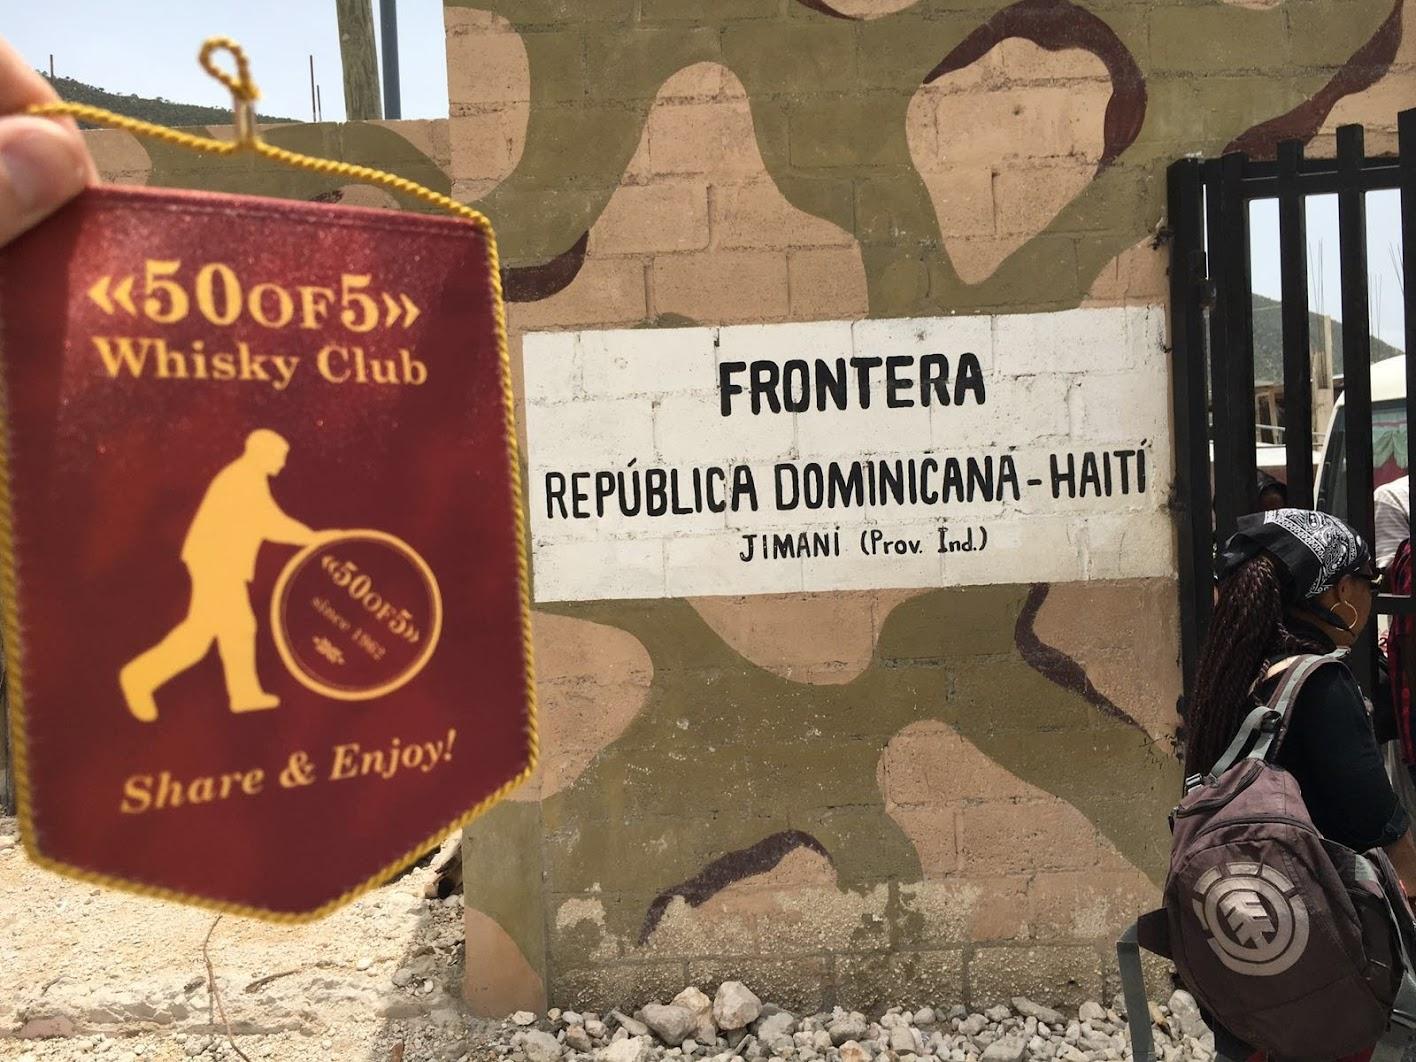 Border Dominican Republic - Haiti